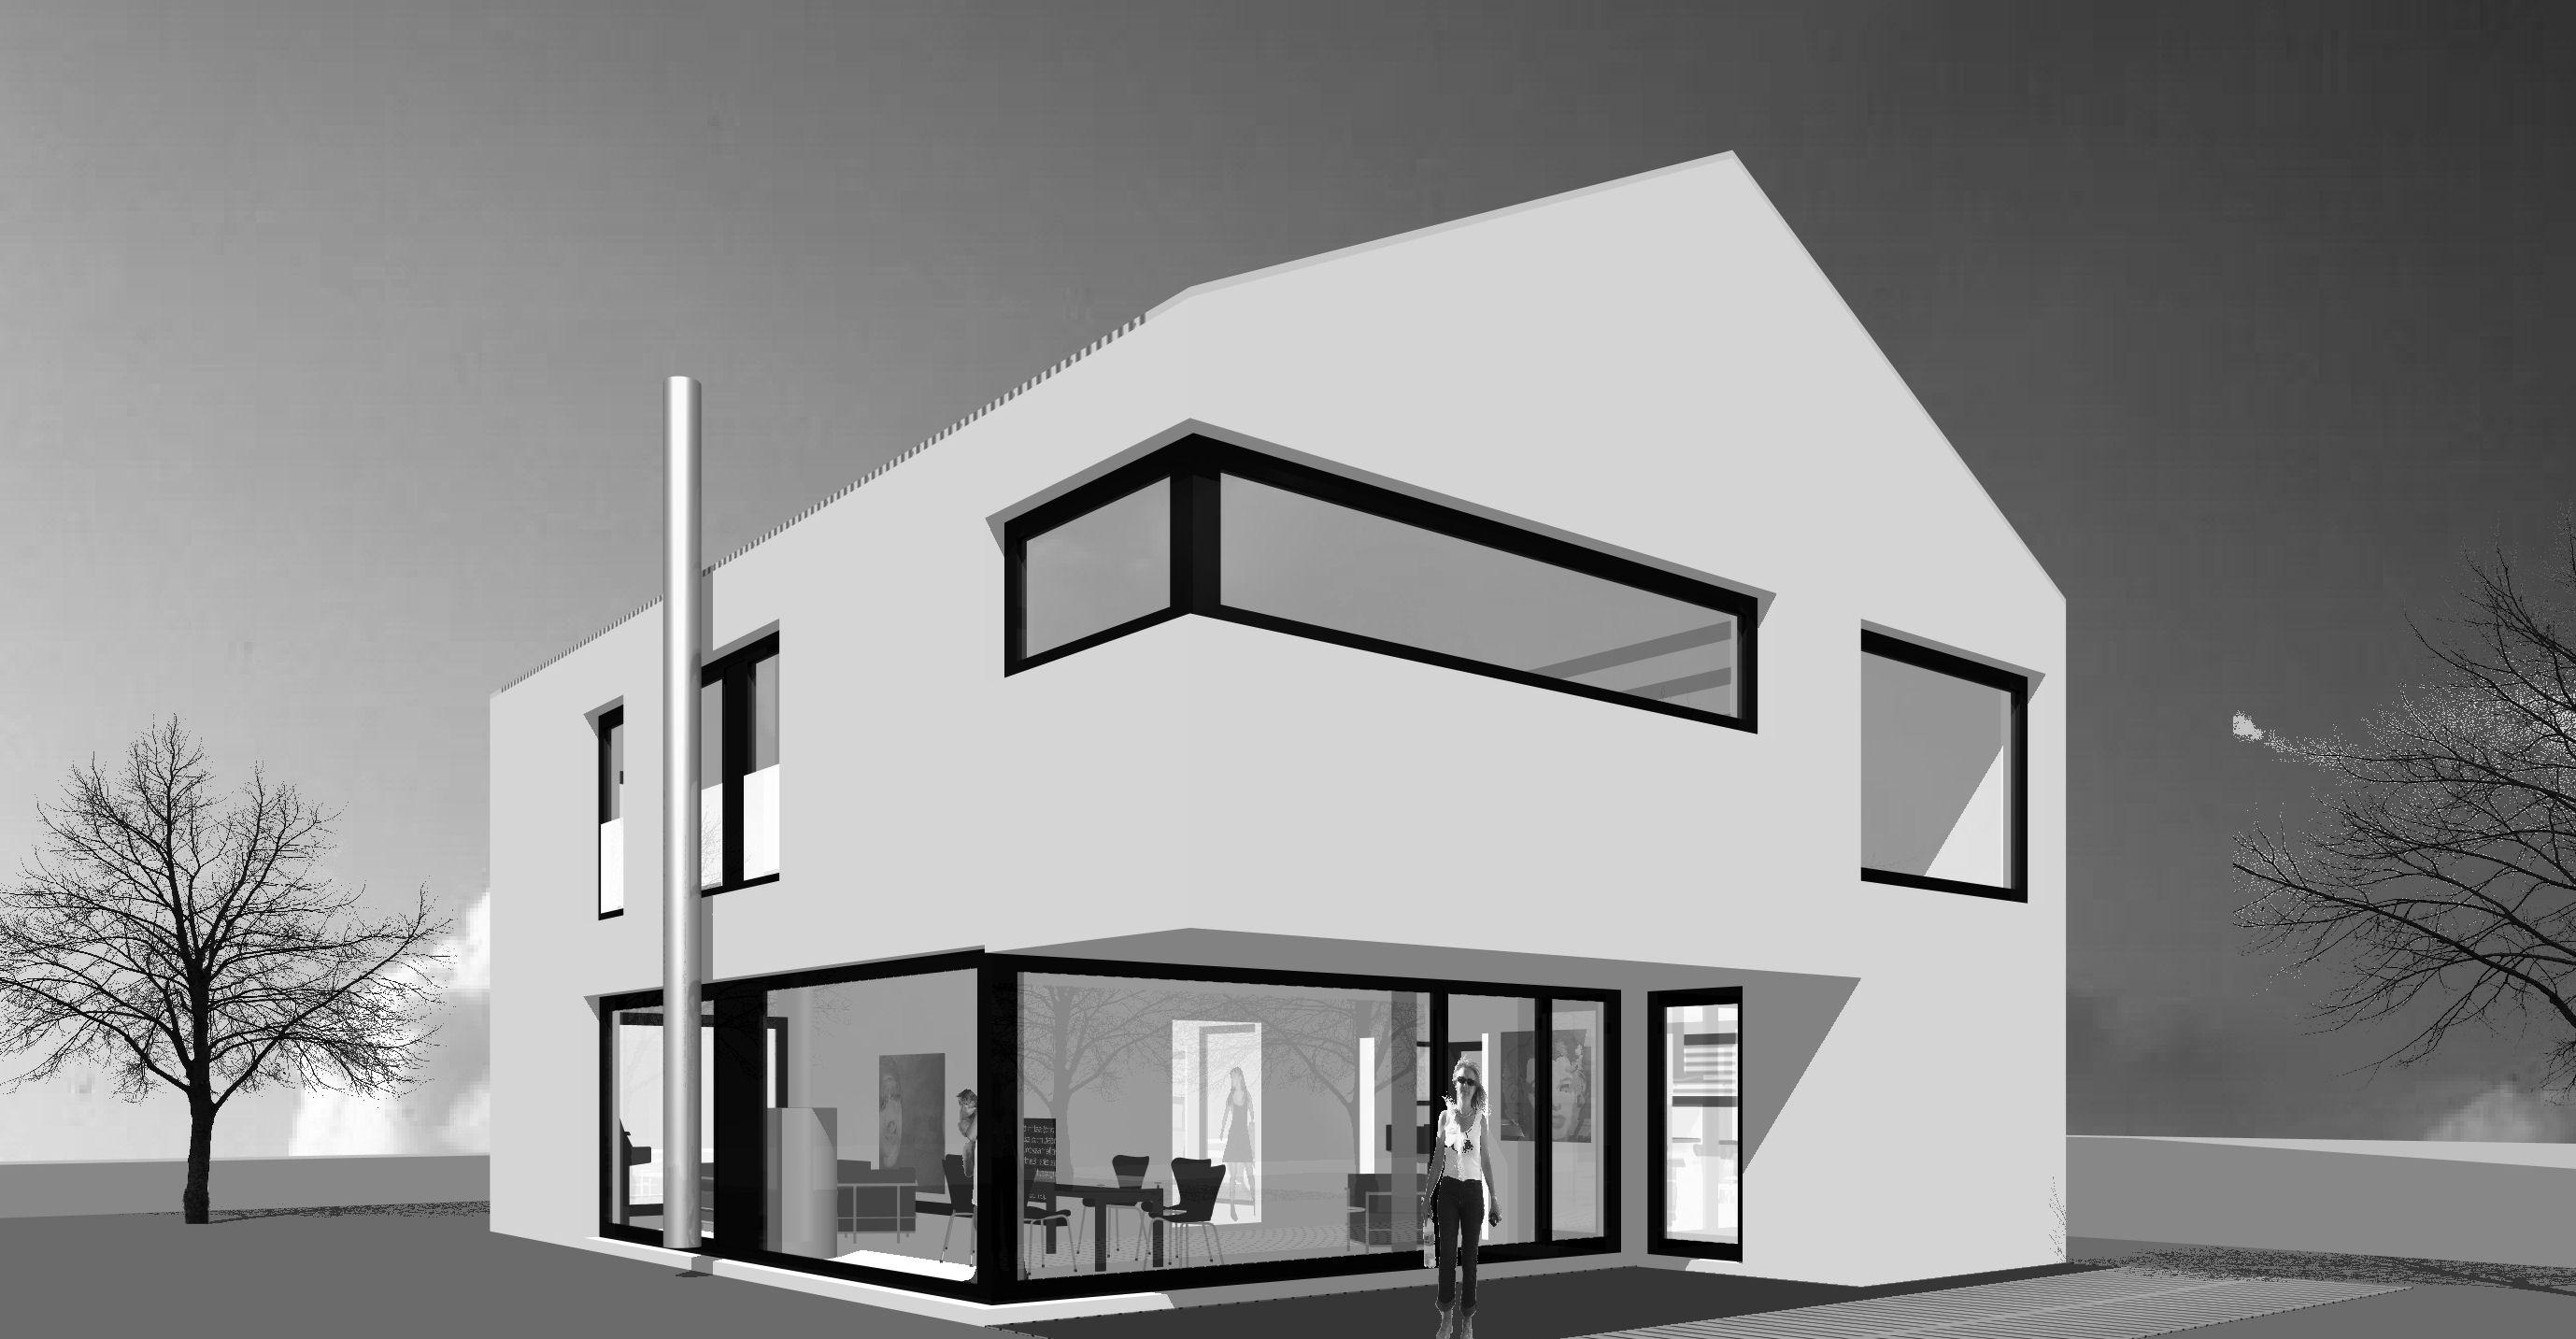 architekt ulm architekten sanieren industriearchitektur. Black Bedroom Furniture Sets. Home Design Ideas